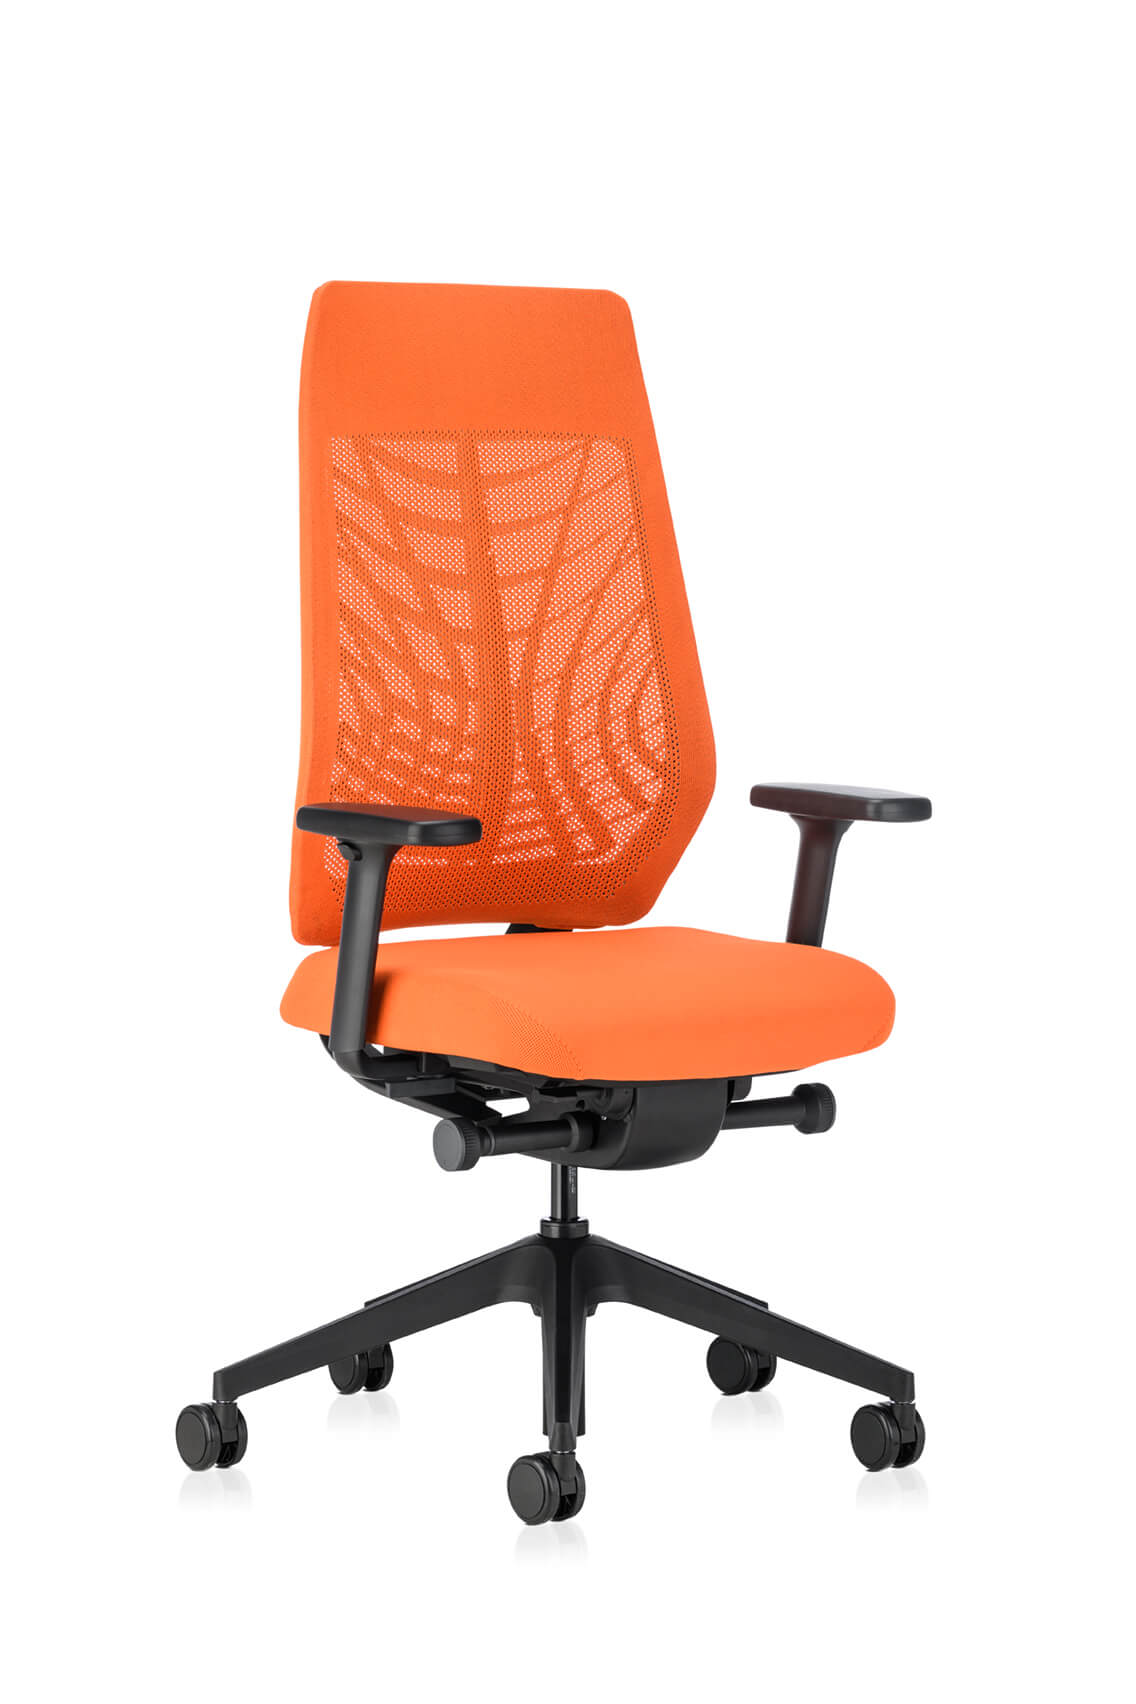 JOYCEis3_Standard_jc217_Netz_orange_schwarz_flexgrid